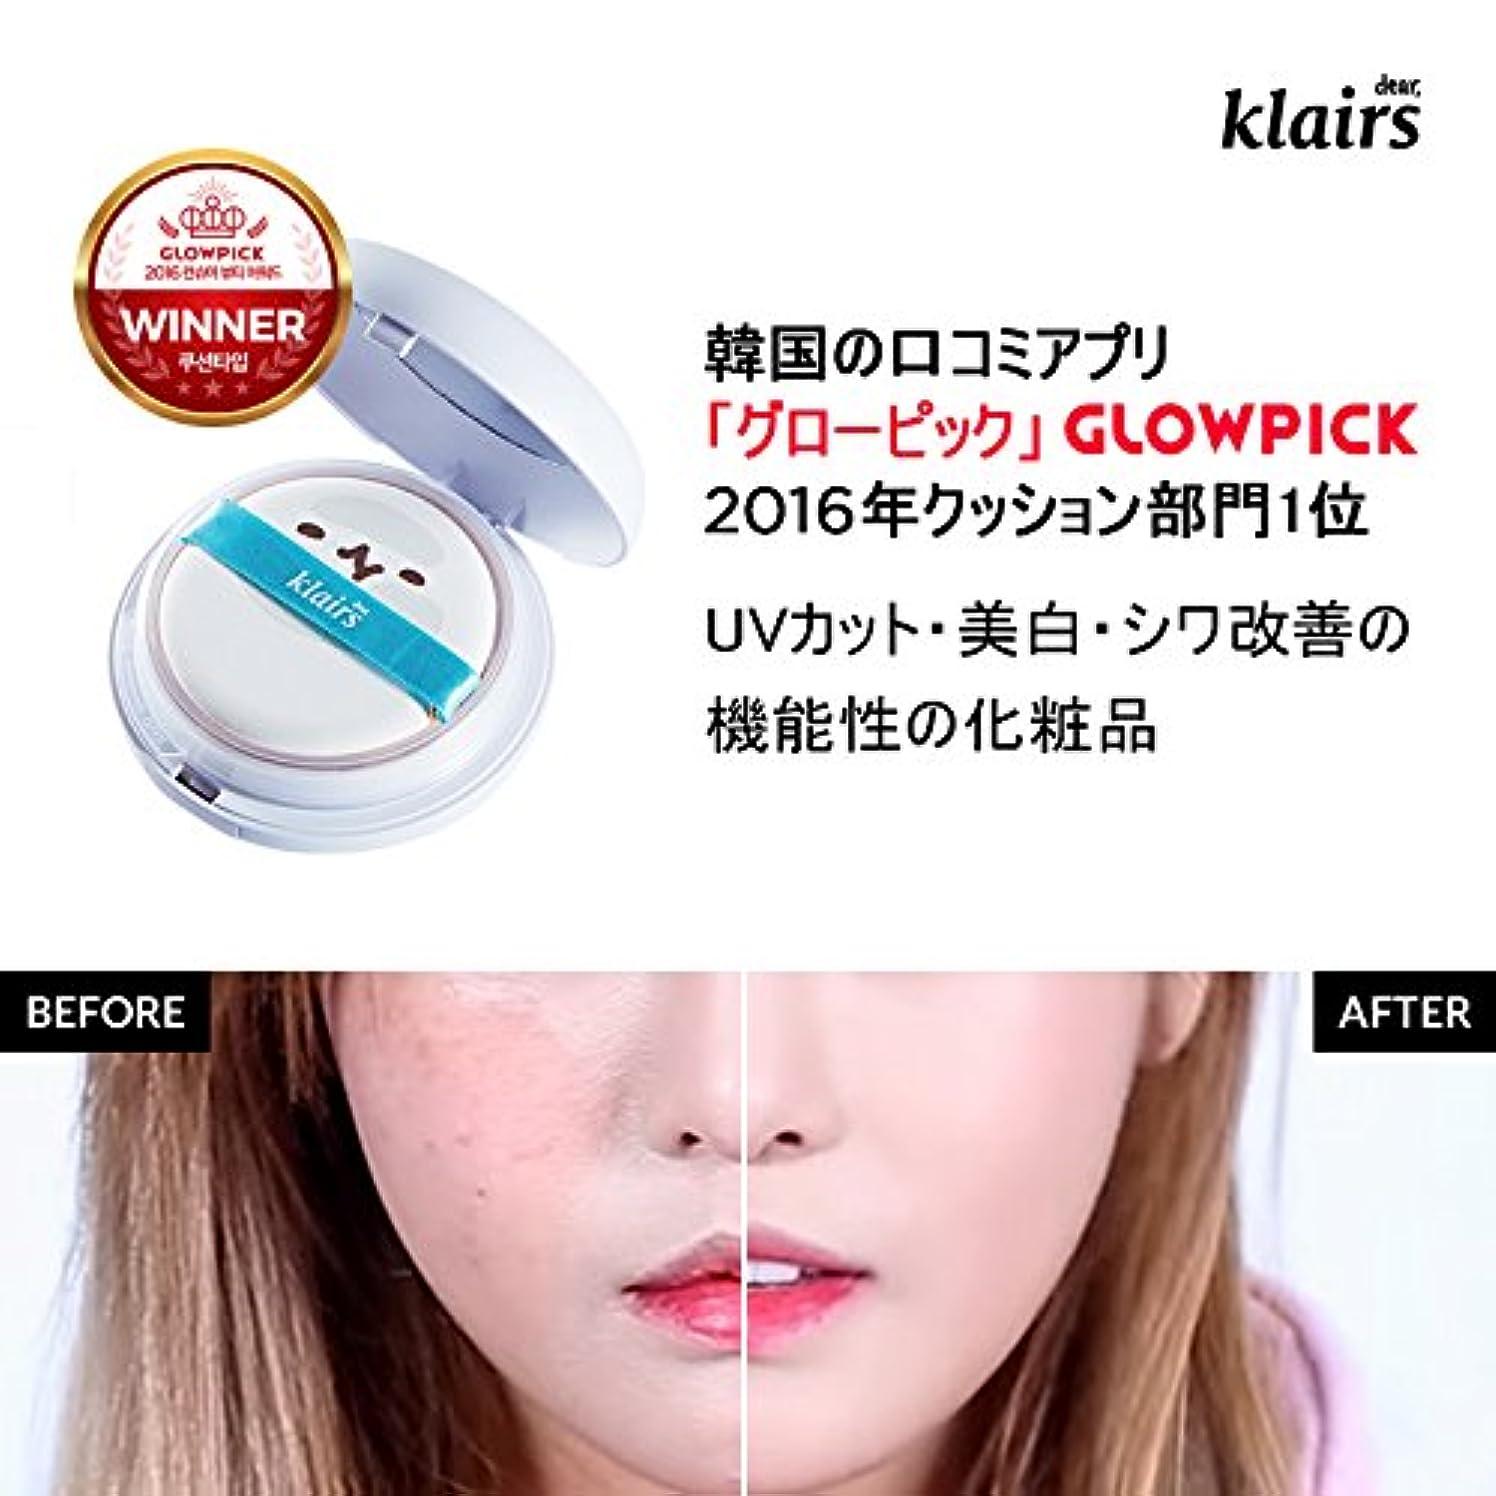 サイレント能力おもしろいKLAIRS (クレアス) モチBBクッション, Mochi BB Cushion 15g [並行輸入品]